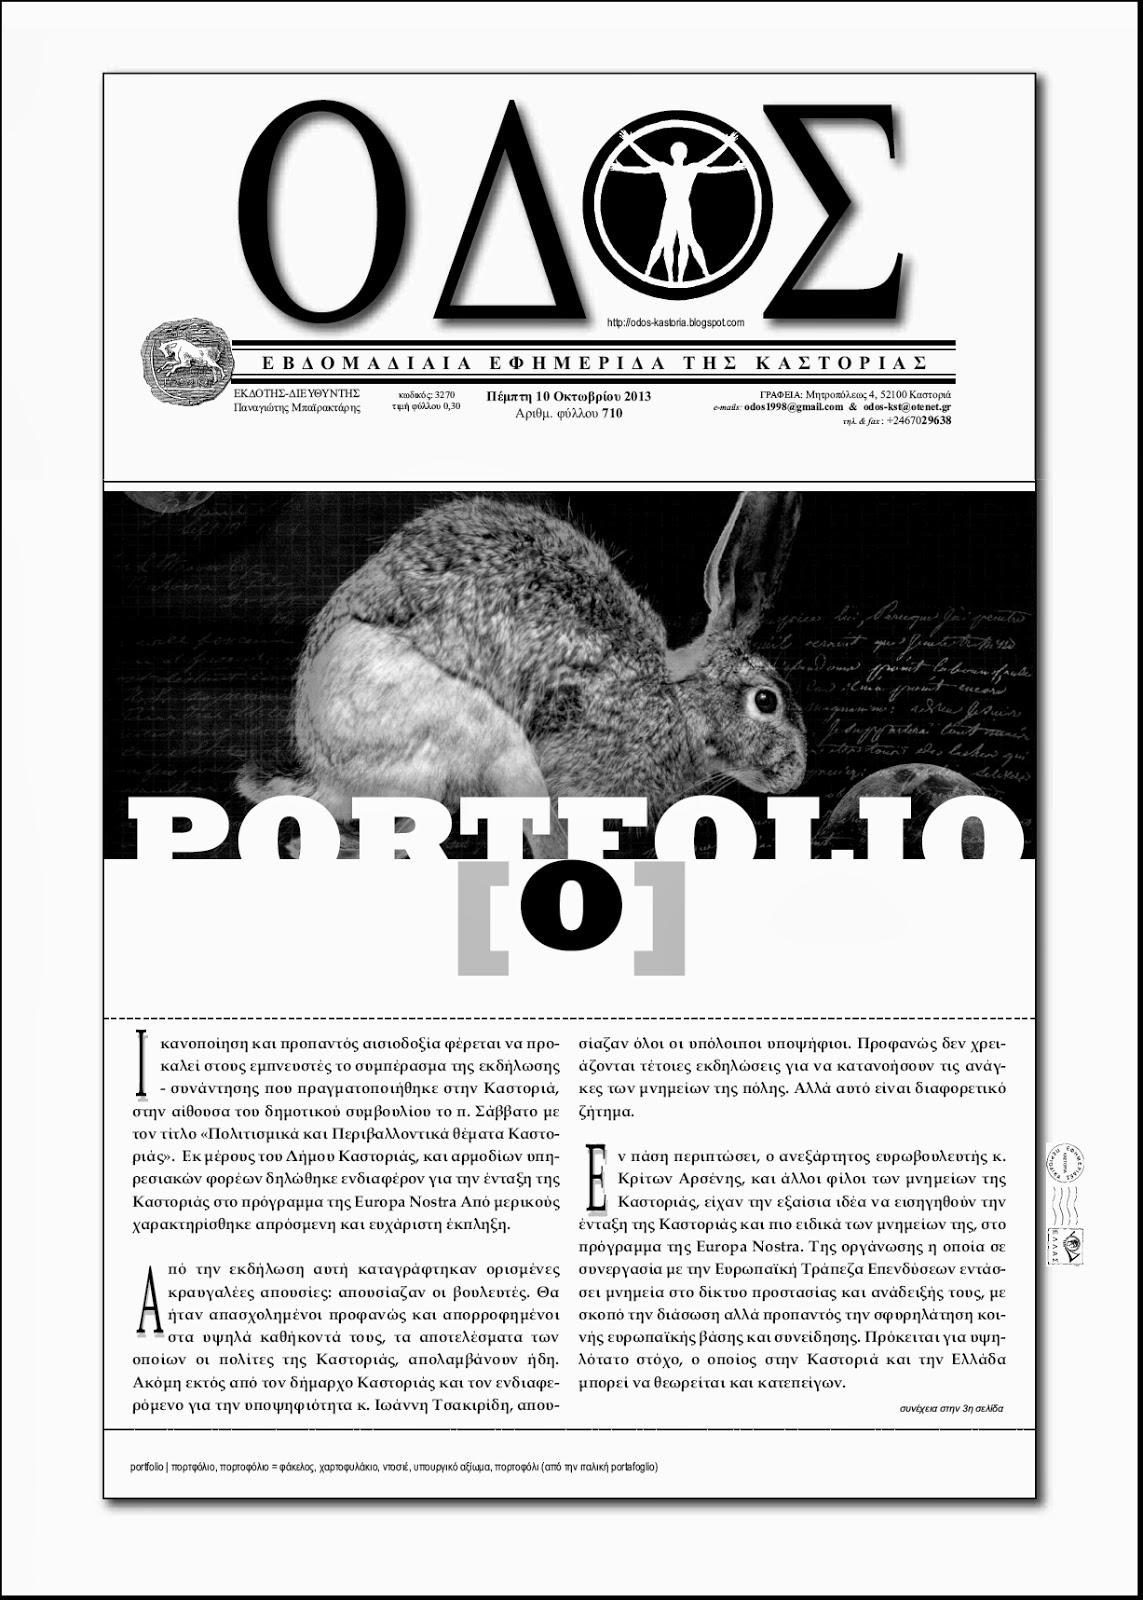 Port[o]folio